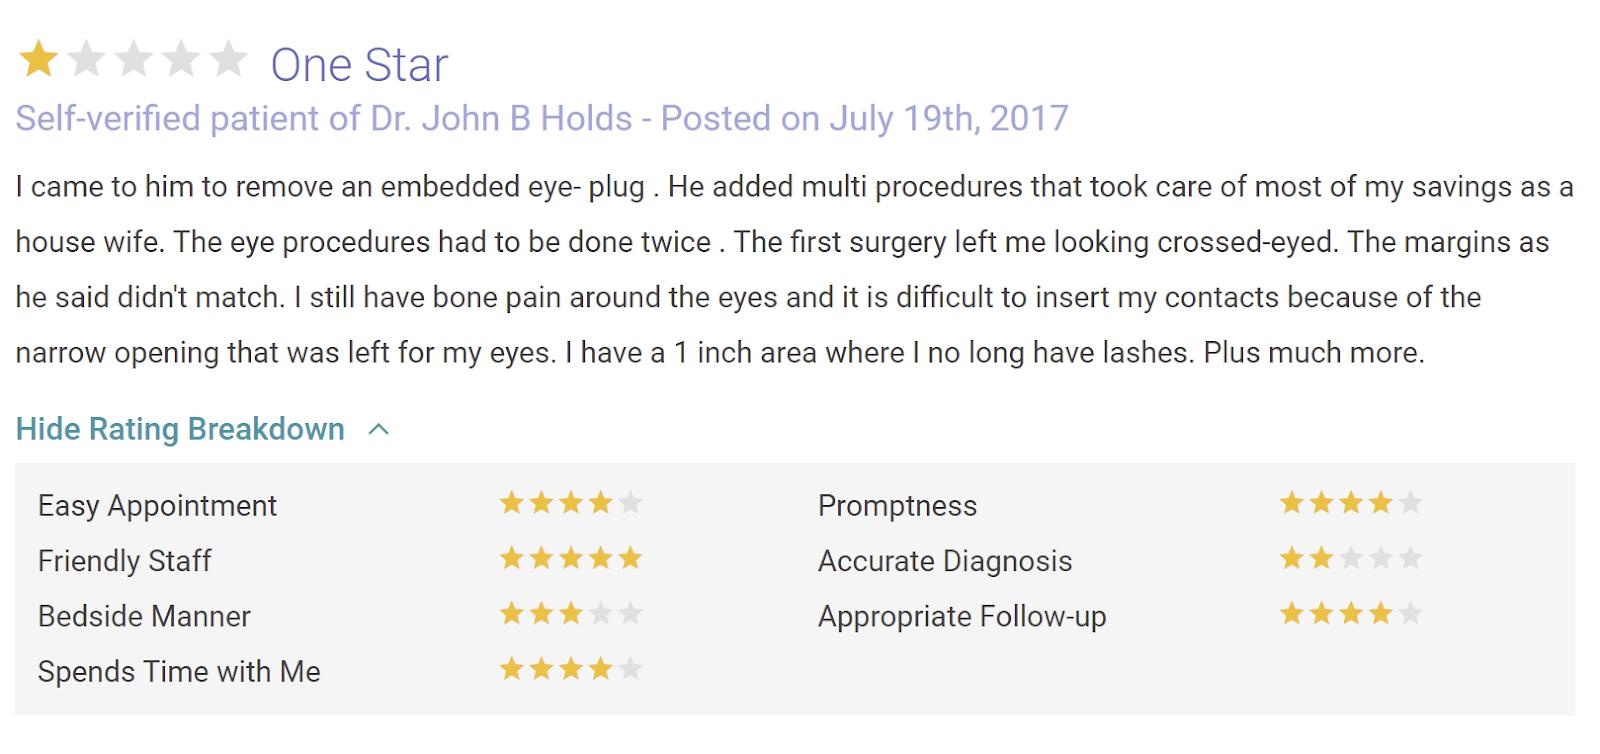 Oculofacial Plastic Surgery St. Louis review